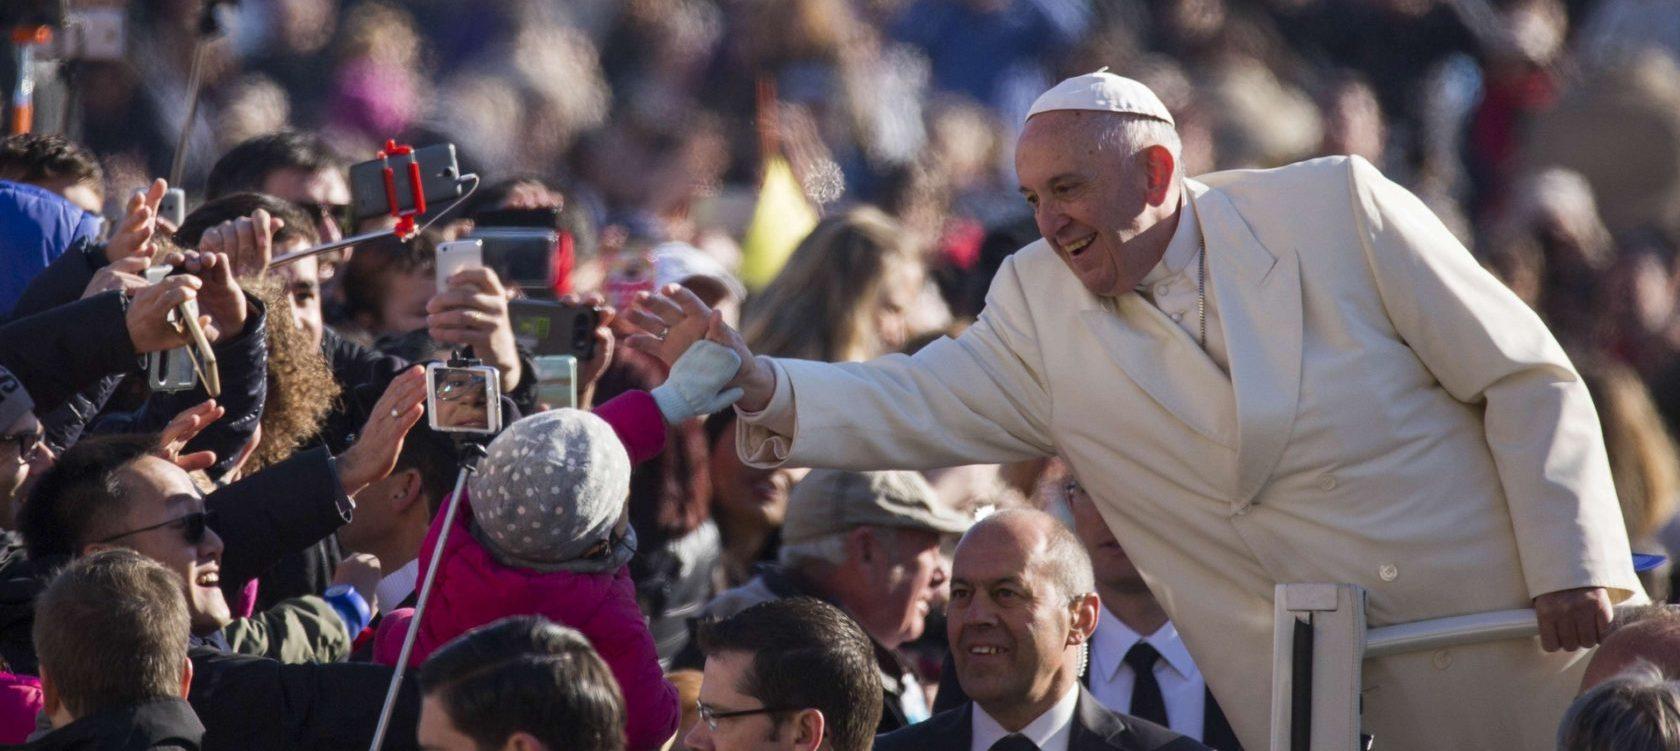 Papa Francesco in Visita a San Galdino